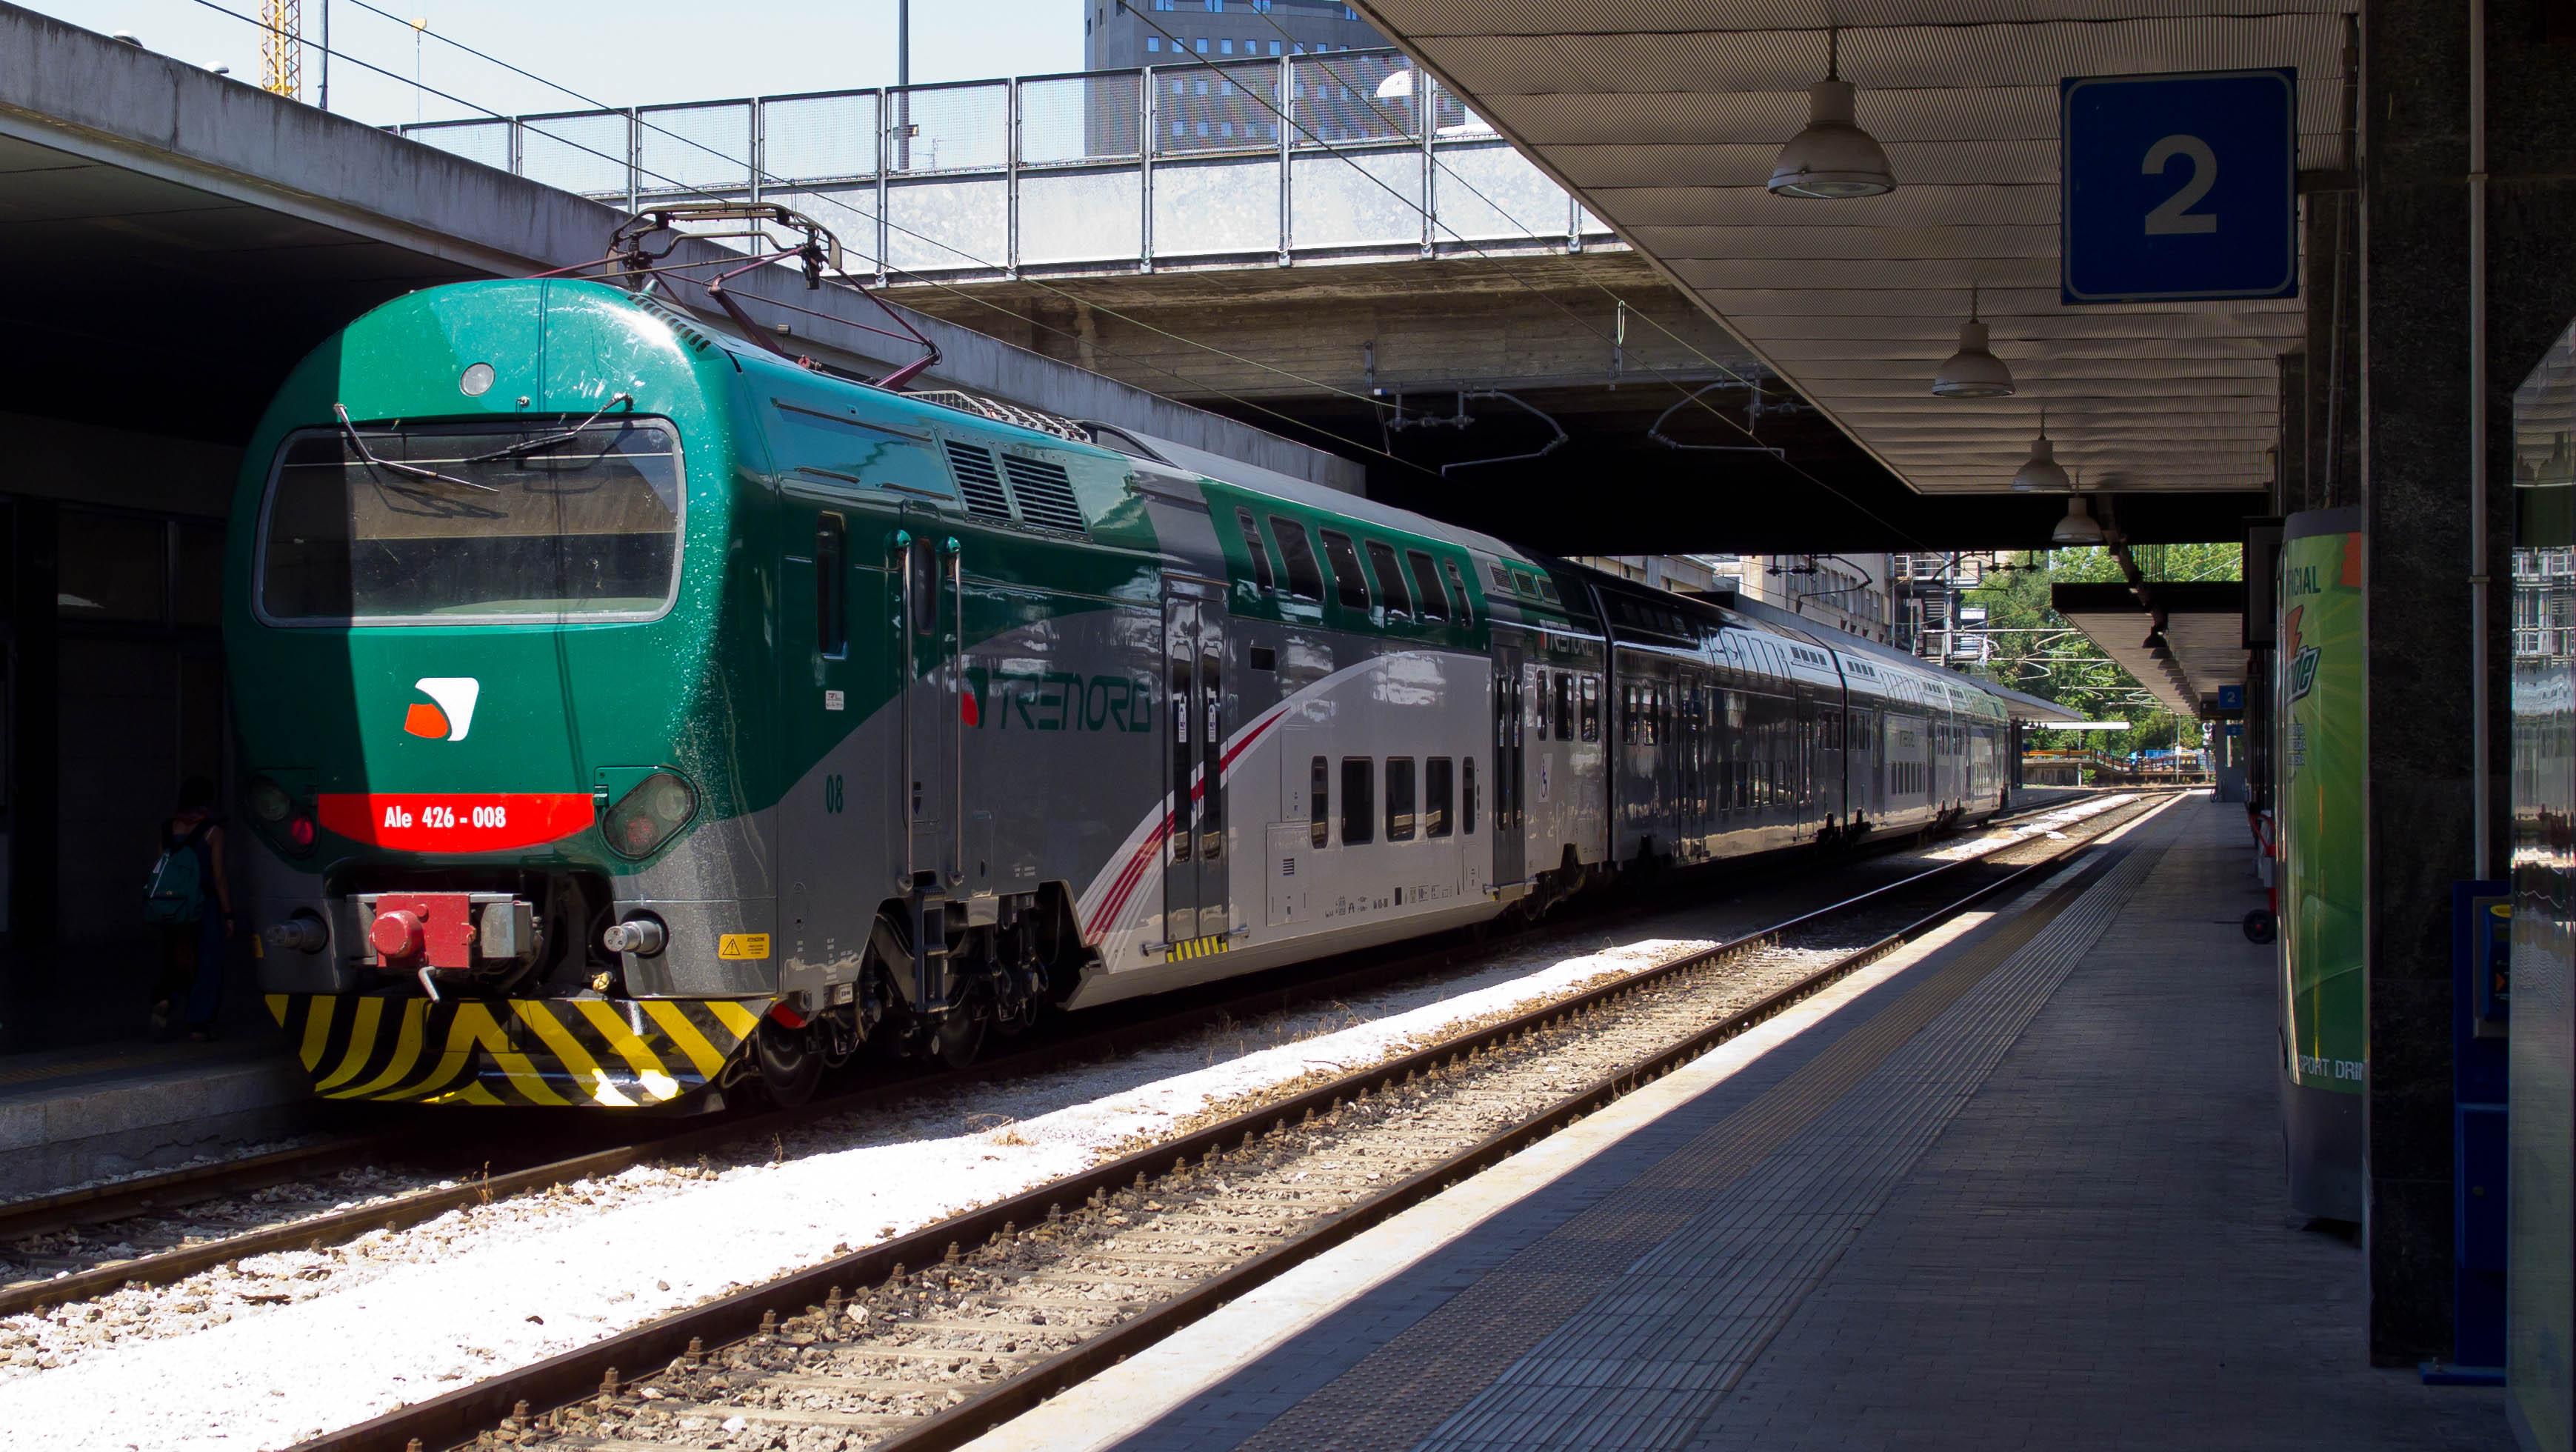 Lodi ancora sangue sui treni straniero accoltella - Milano porta garibaldi station ...